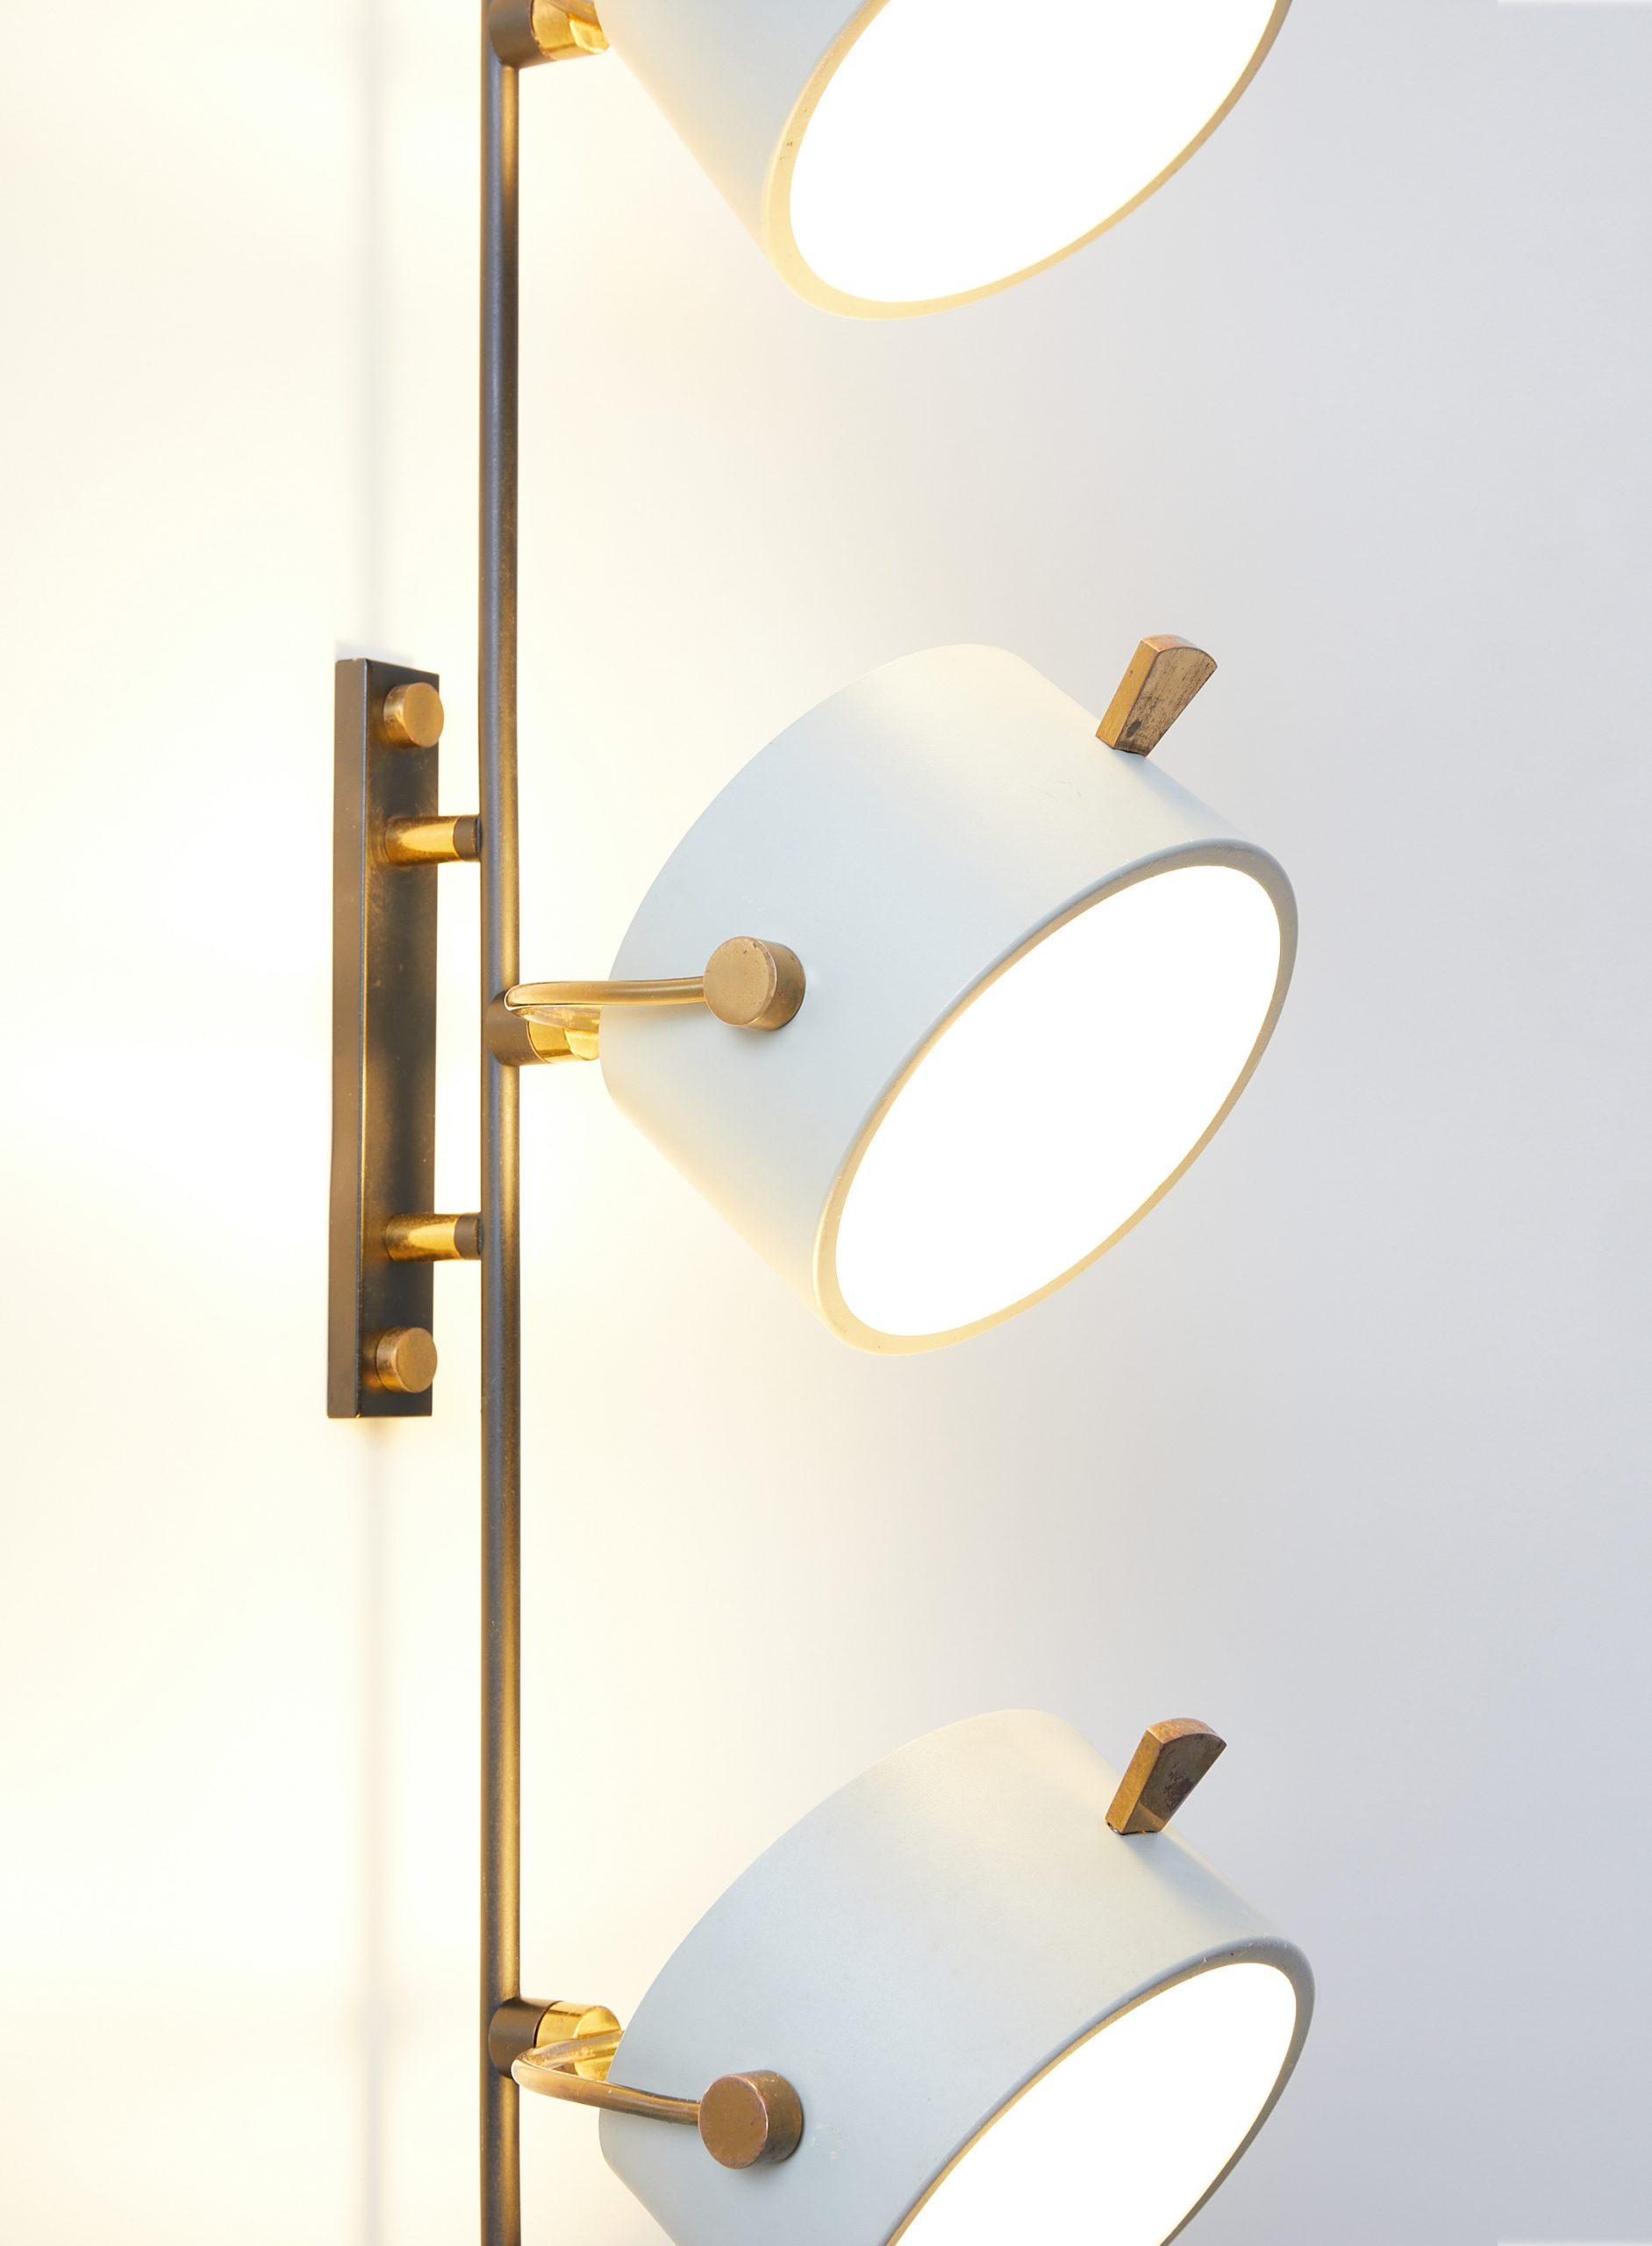 grande-applique-editions-lunel-a-trois-reflecteurs-image-02